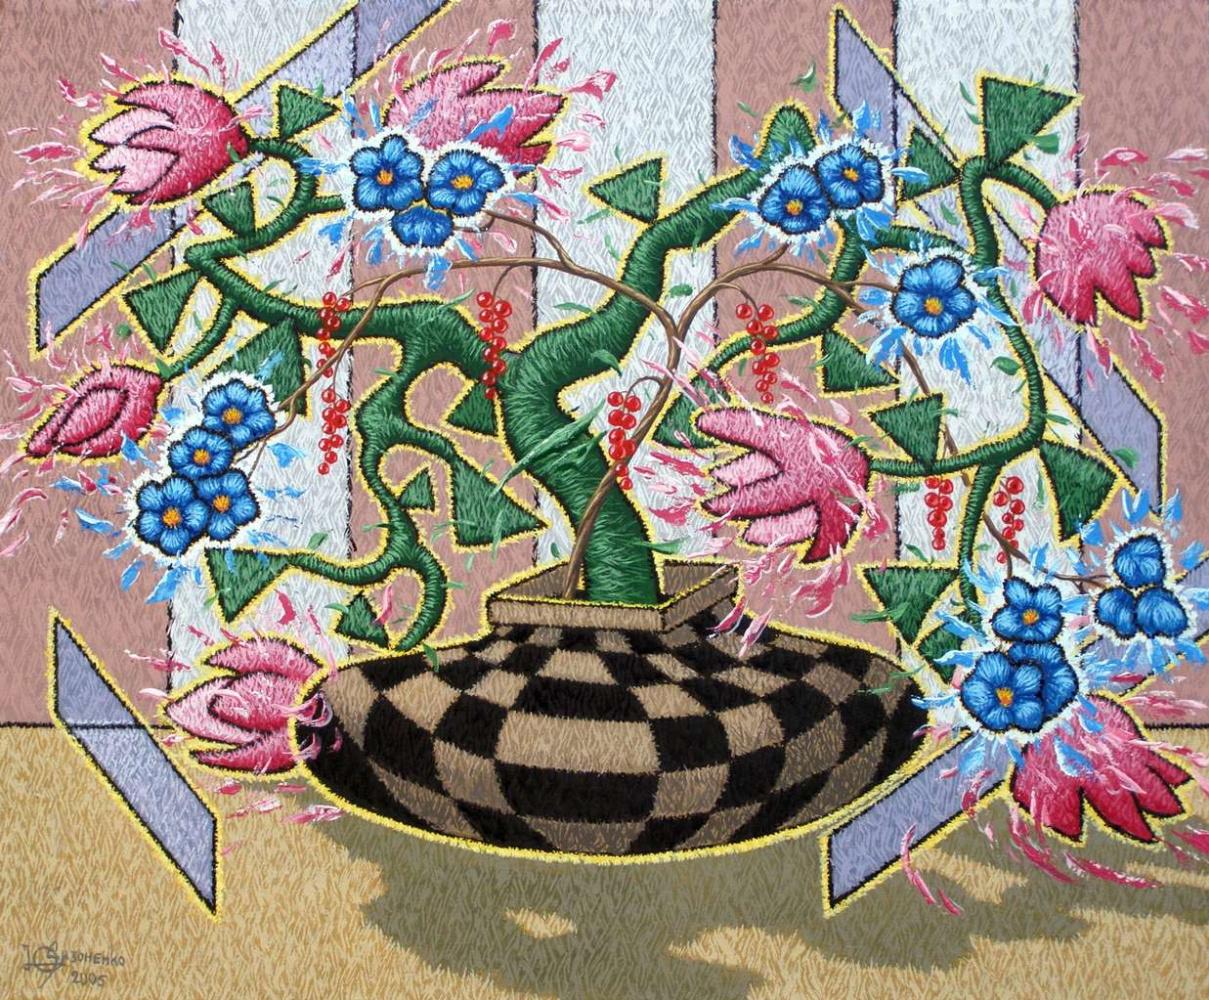 Юрий Владимирович Сизоненко. Натюрморт с вазой в шахматную клеткую